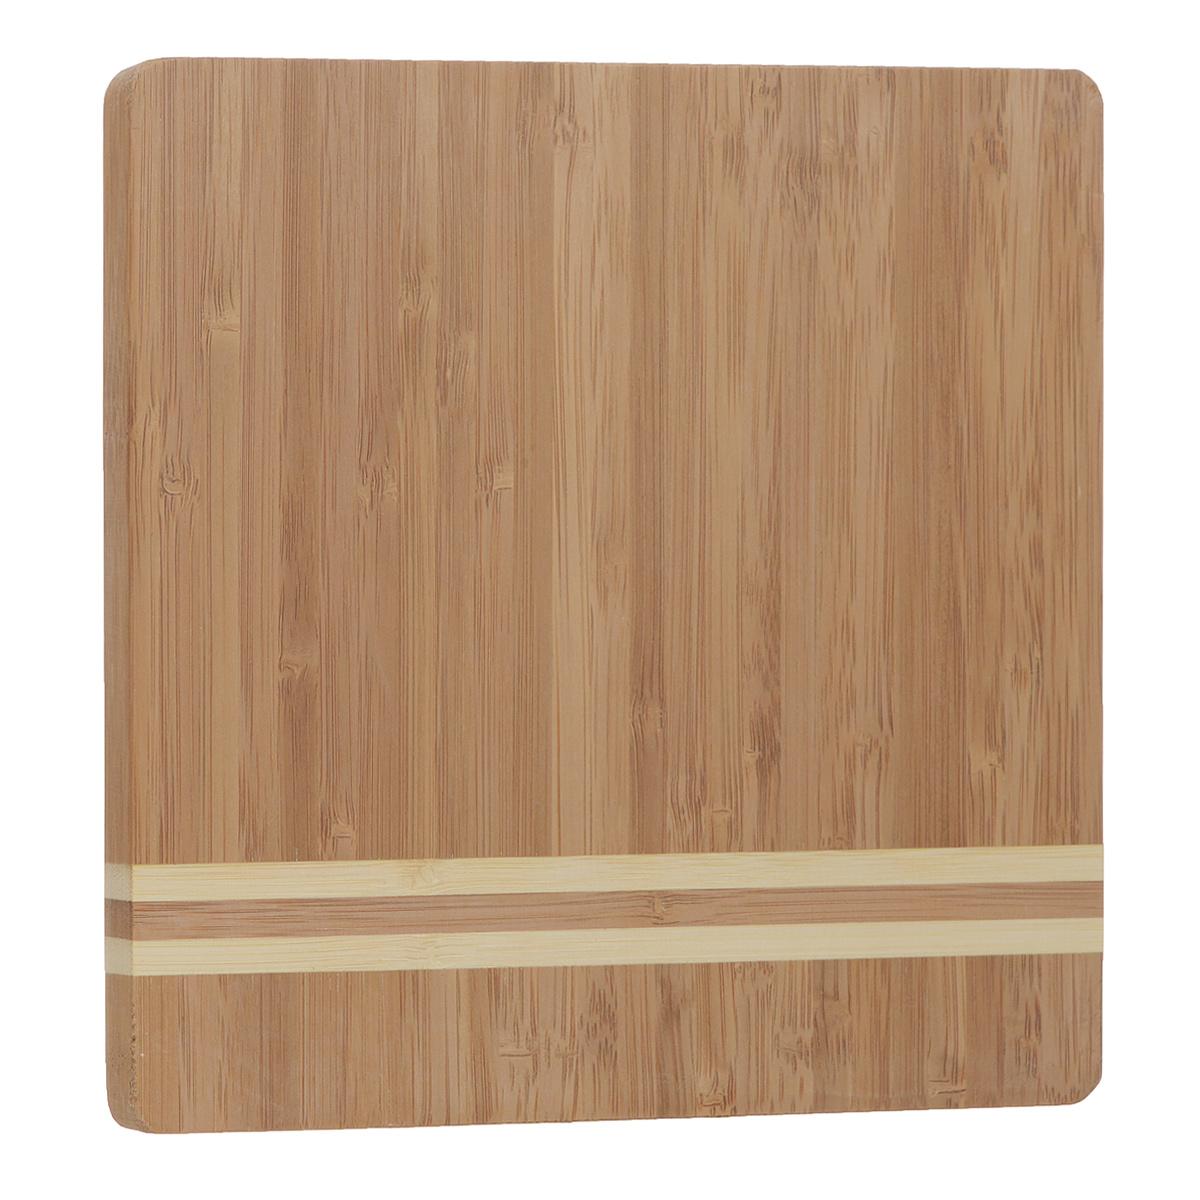 Доска разделочная Bekker, бамбуковая, 20 см х 20 см. BK-9724 разделочная доска bekker вк 9708